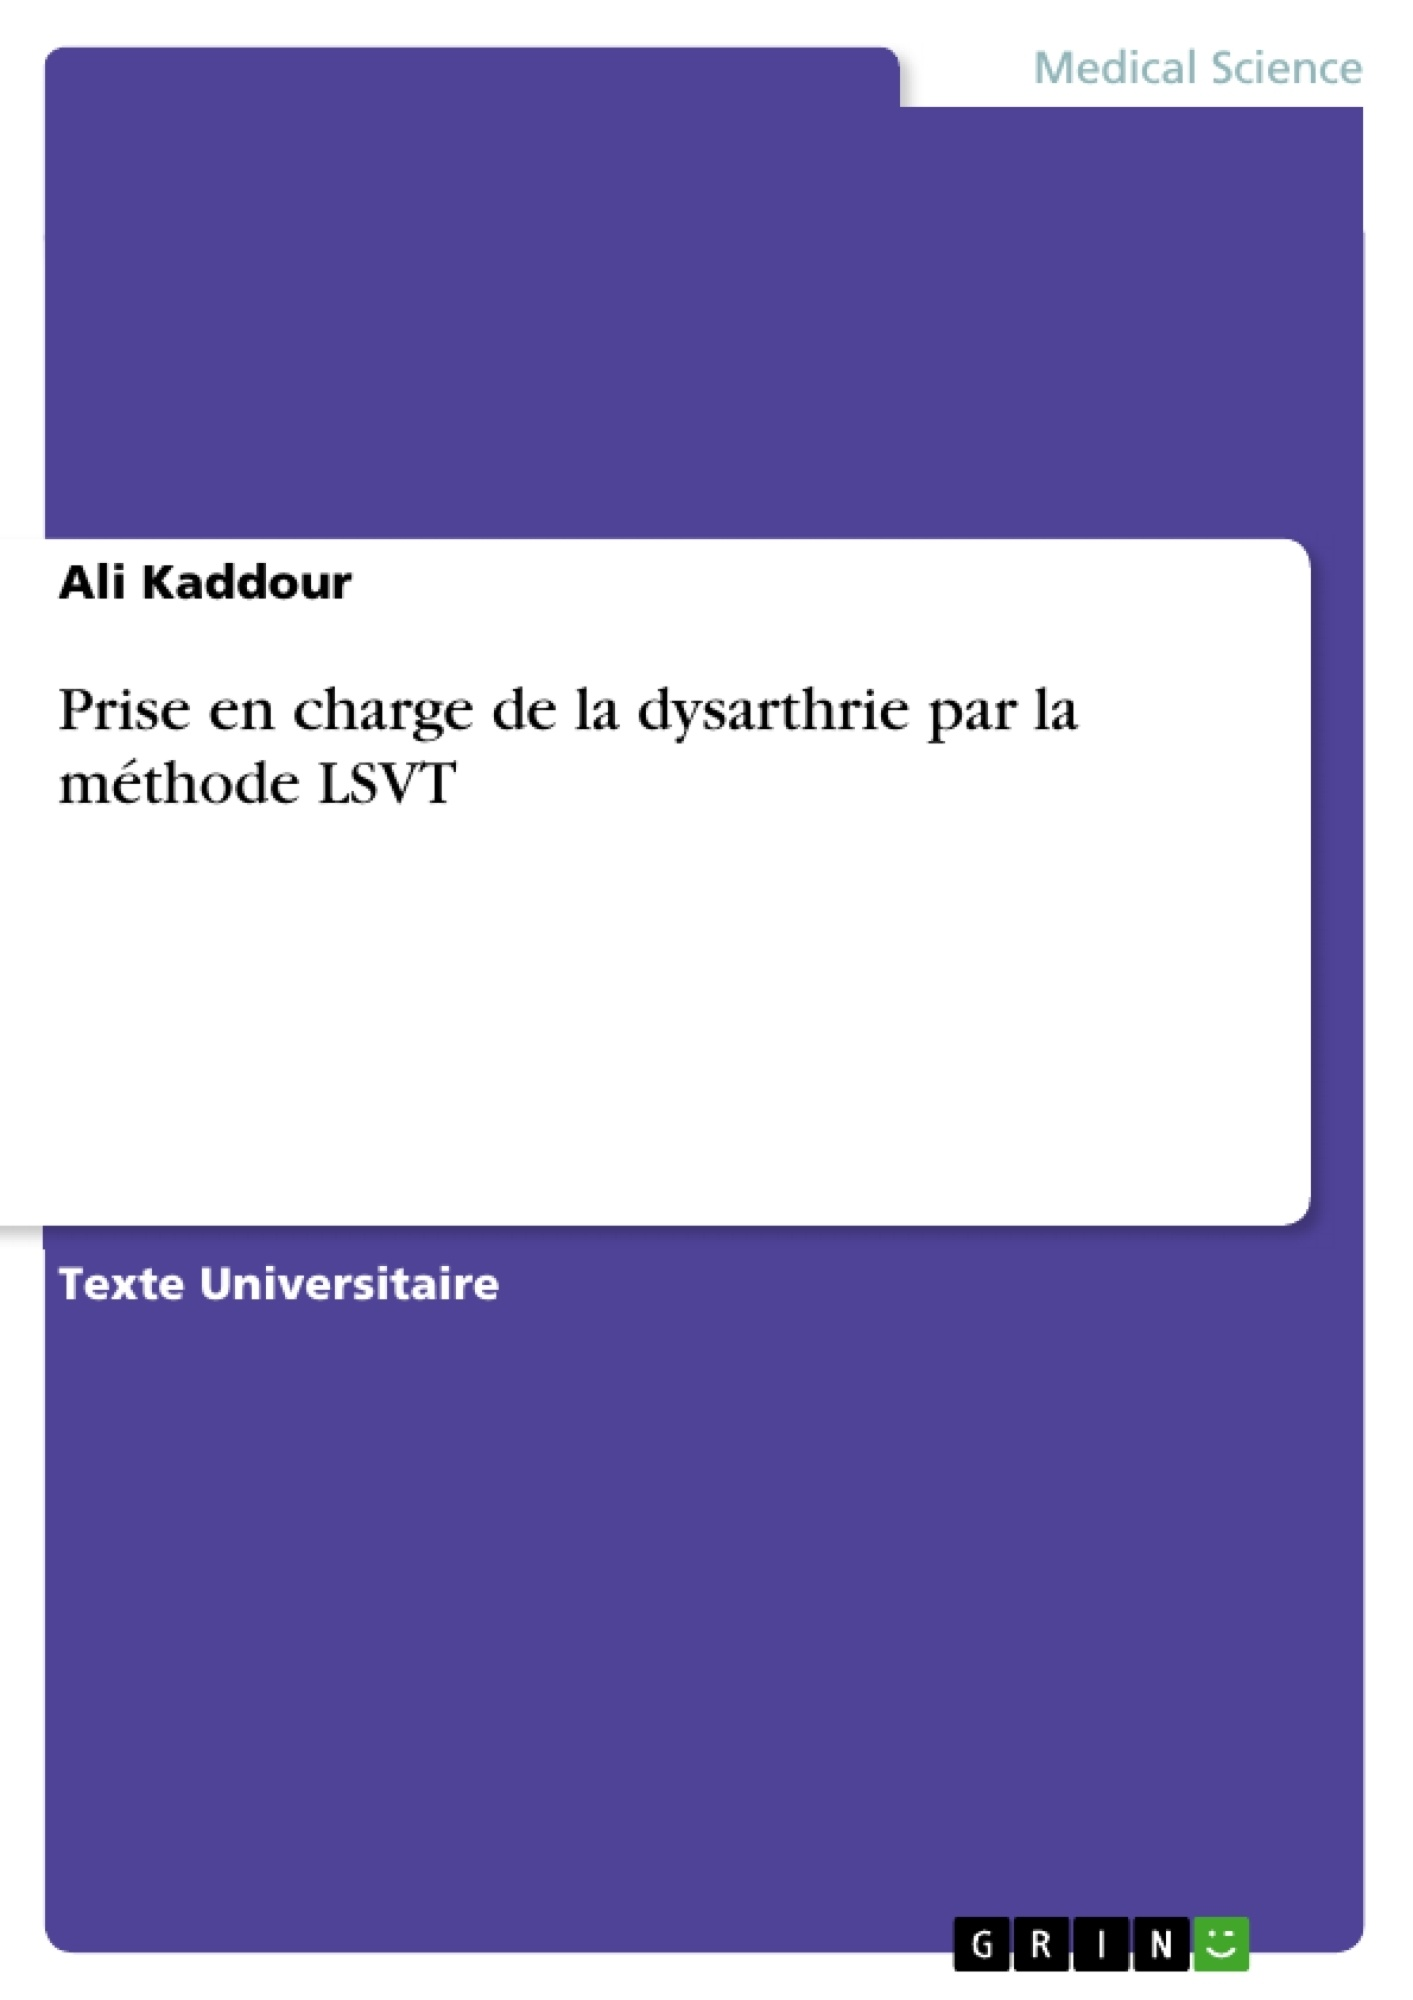 Titre: Prise en charge de la dysarthrie par la méthode LSVT